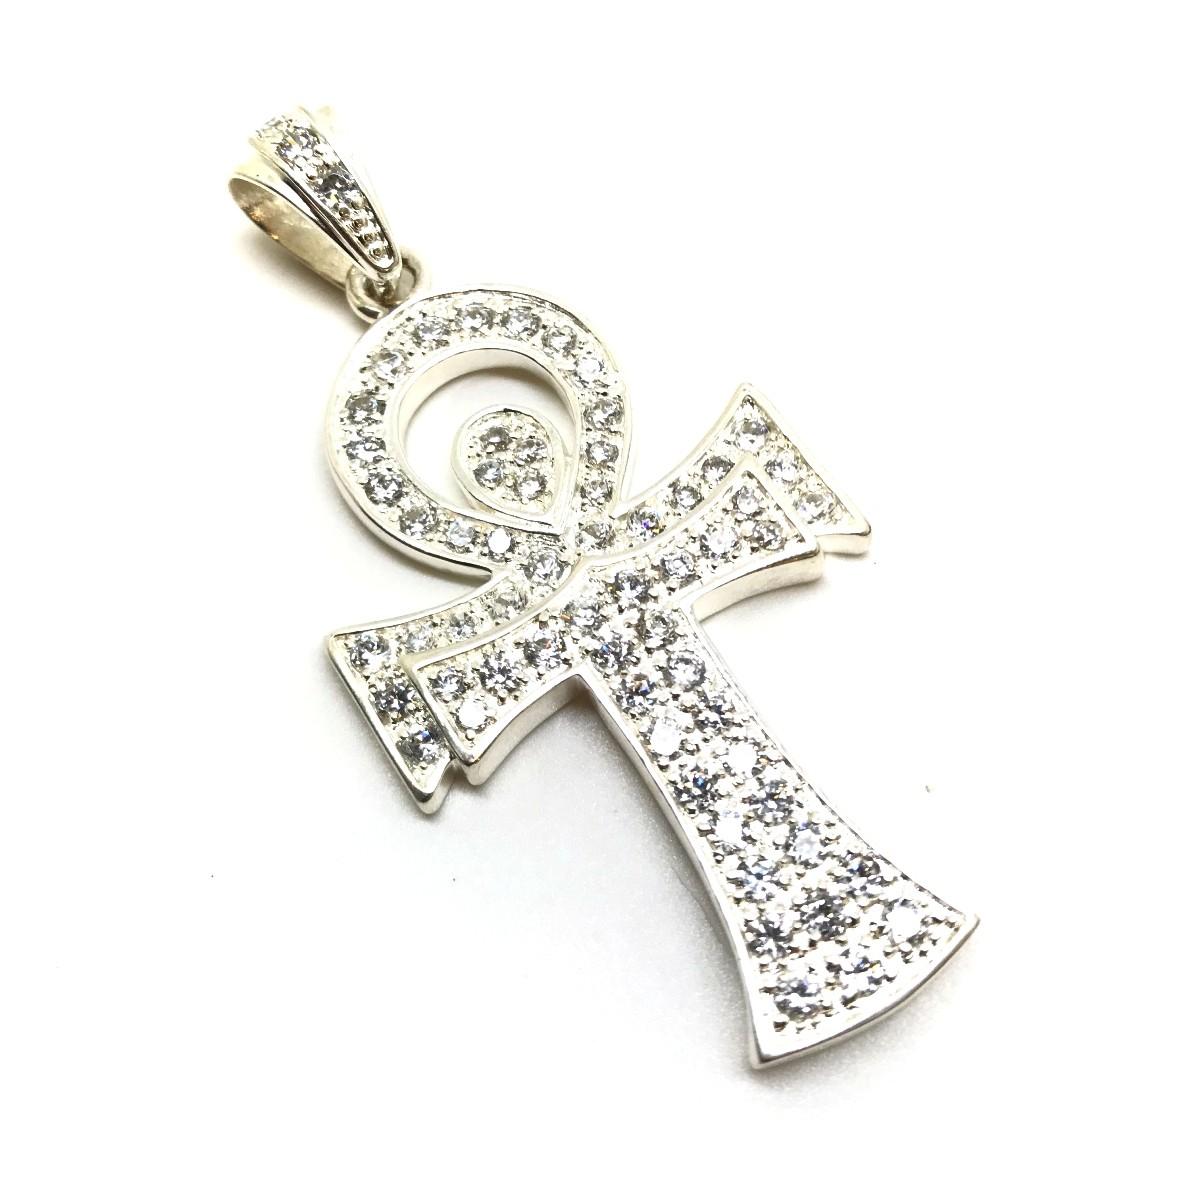 Pingente Cruz Ansata Prata De Lei Brilhante Zircônias 11395